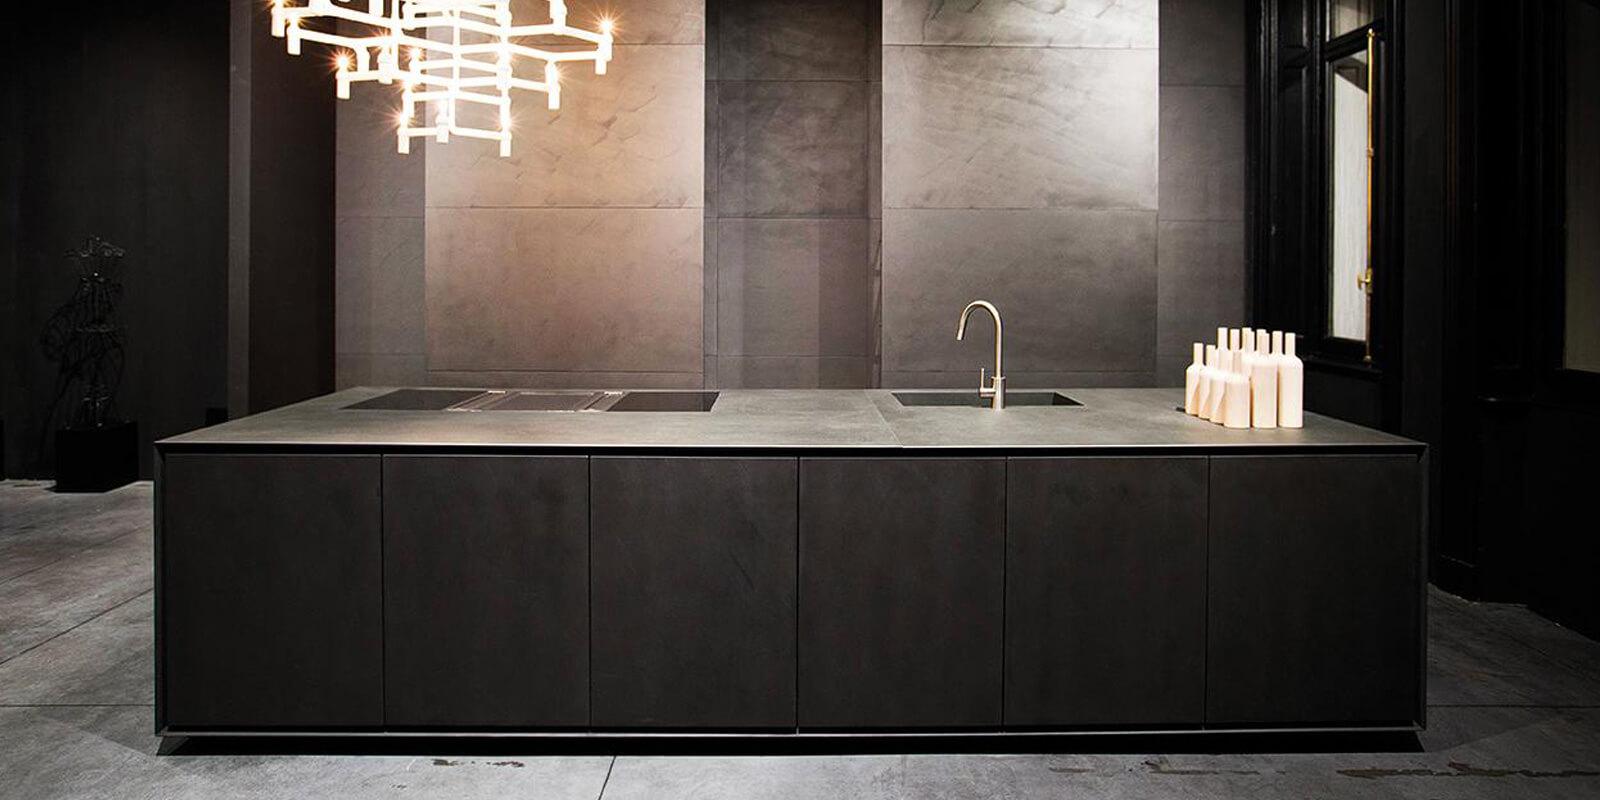 Grillo Natuursteen Huissen Laminam Monotune keuken